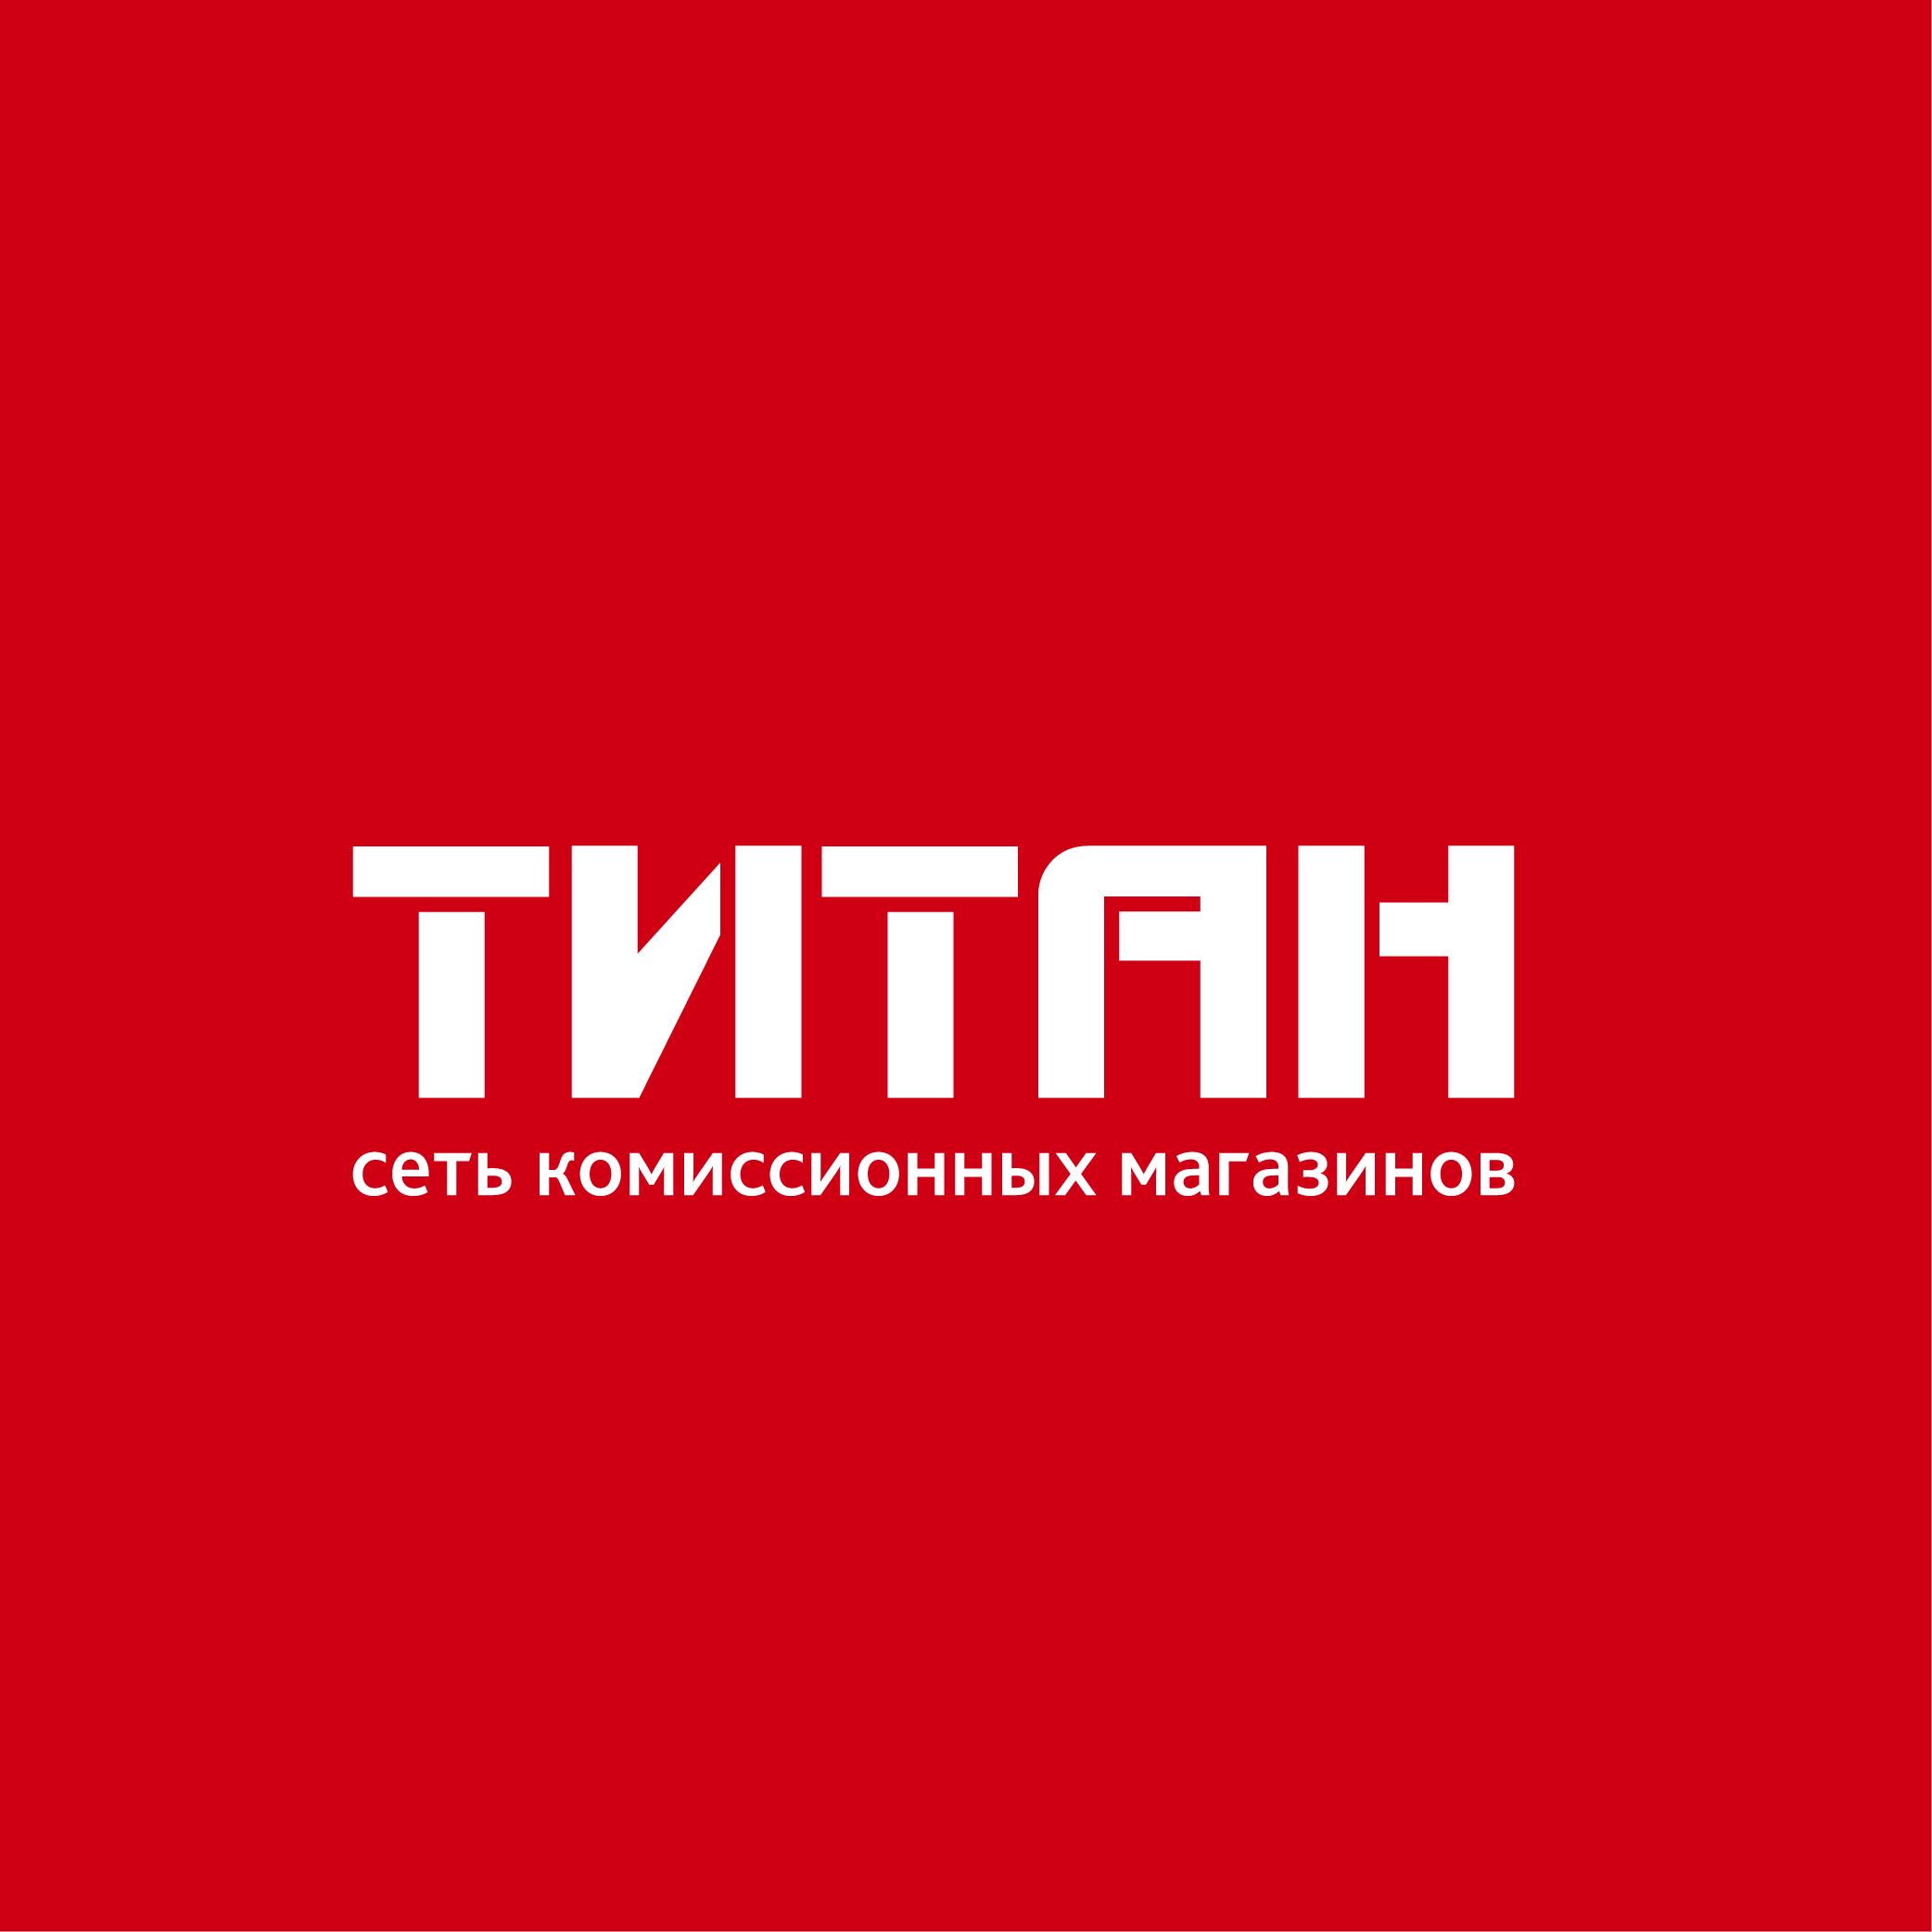 Разработка логотипа (срочно) фото f_0155d49ae619ac48.png